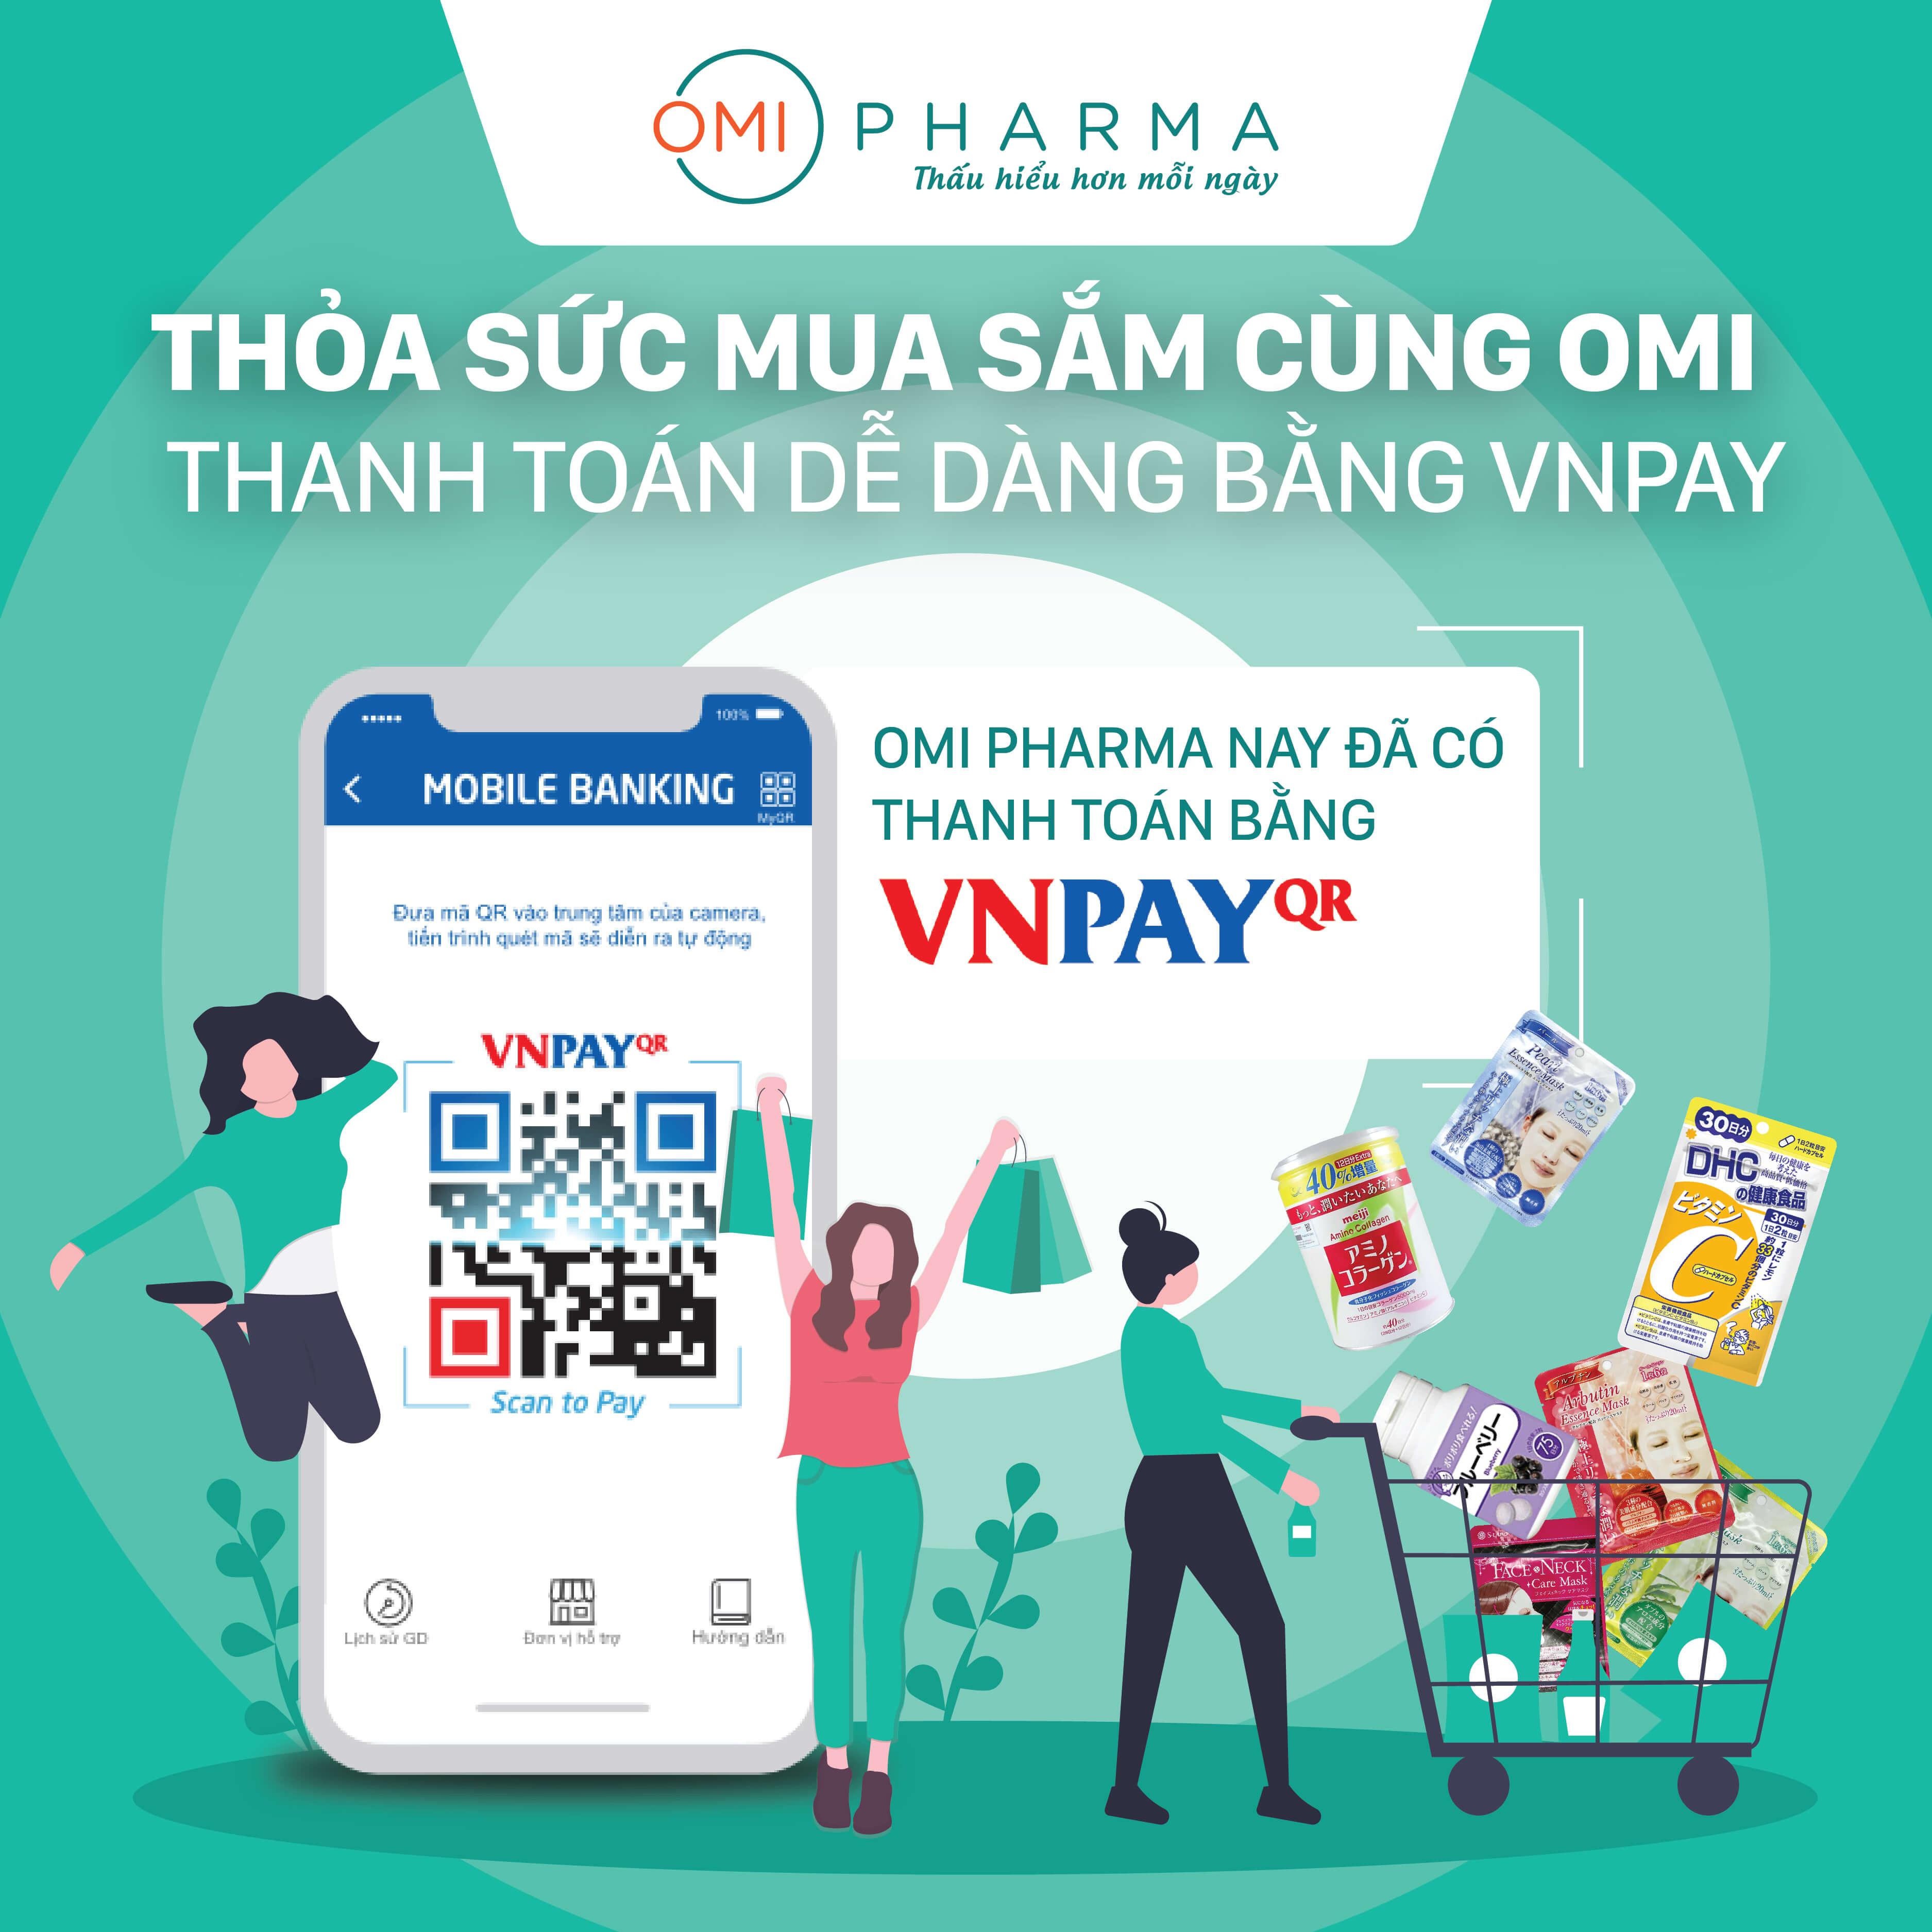 Thỏa sức mua sắm cùng Omi Pharma với VNPAY 1